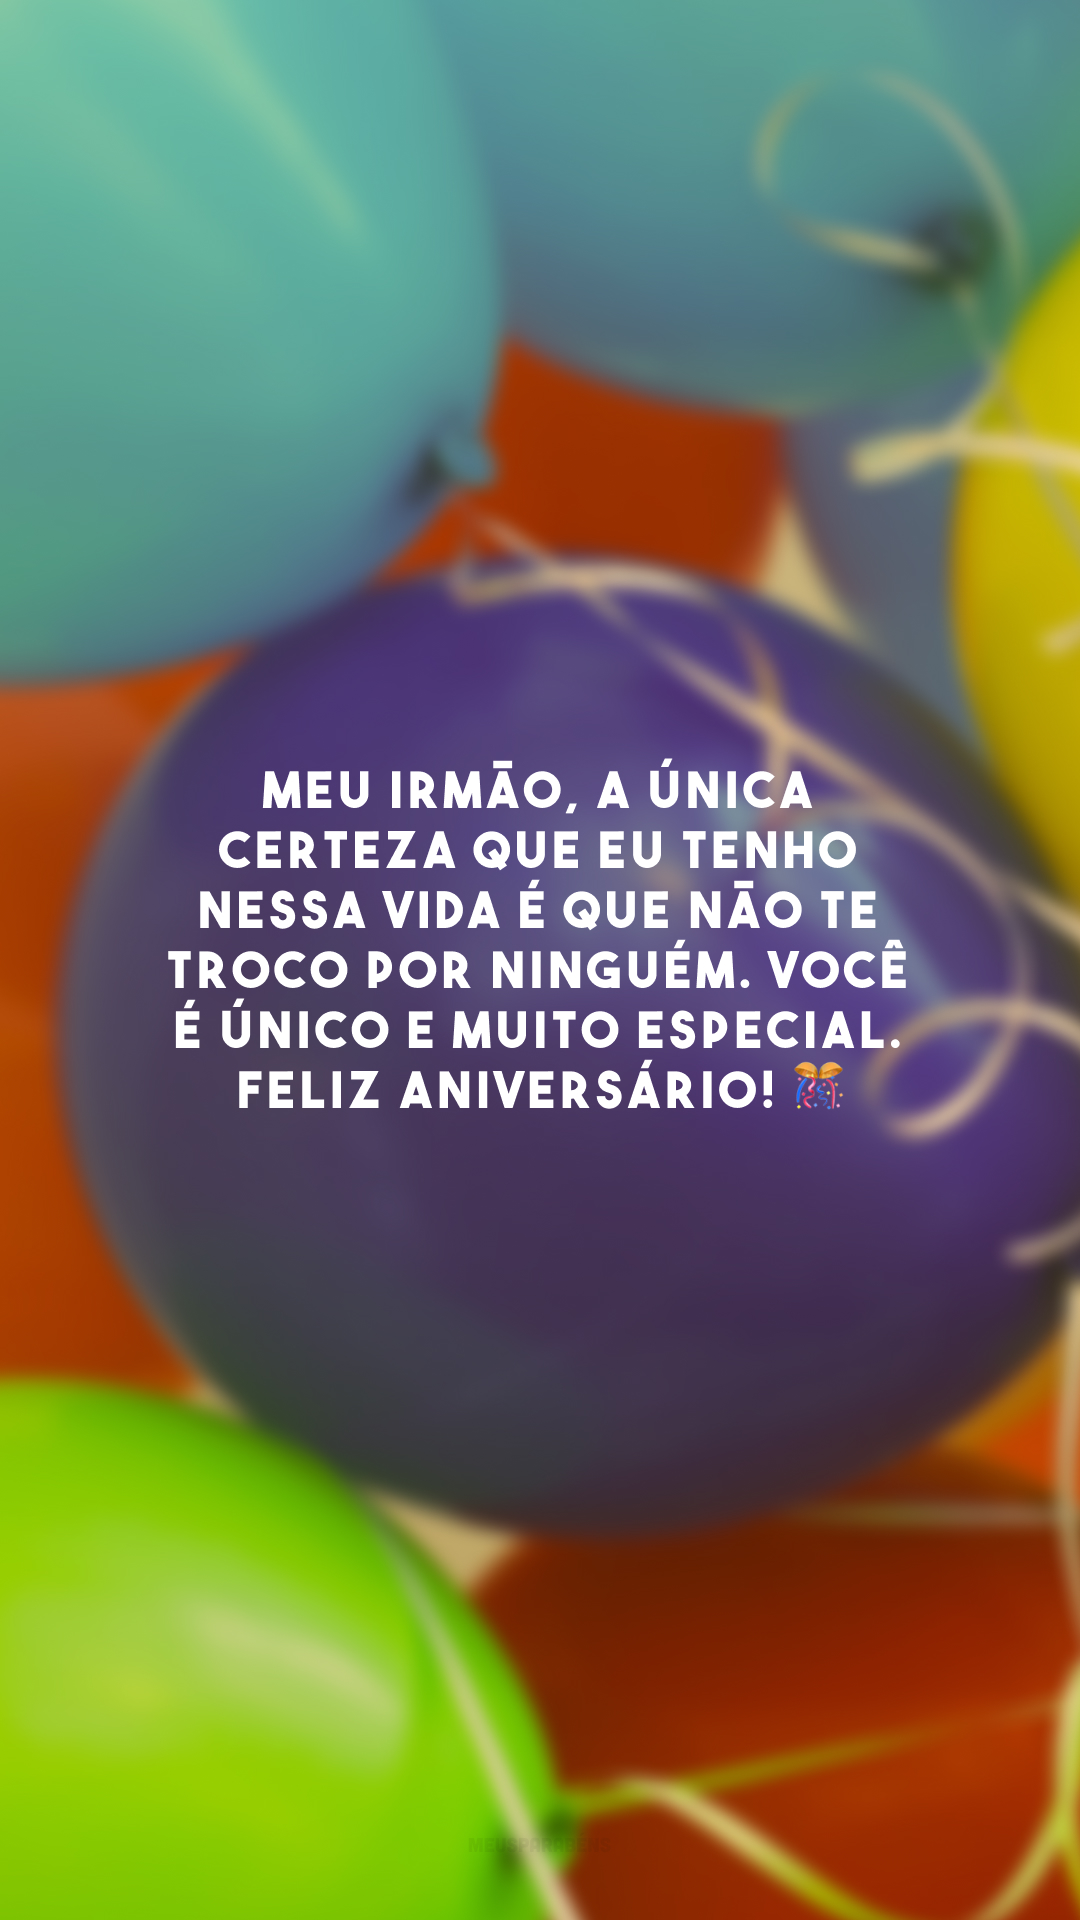 Meu irmão, a única certeza que eu tenho nessa vida é que não te troco por ninguém. Você é único e muito especial. Feliz aniversário! 🎊